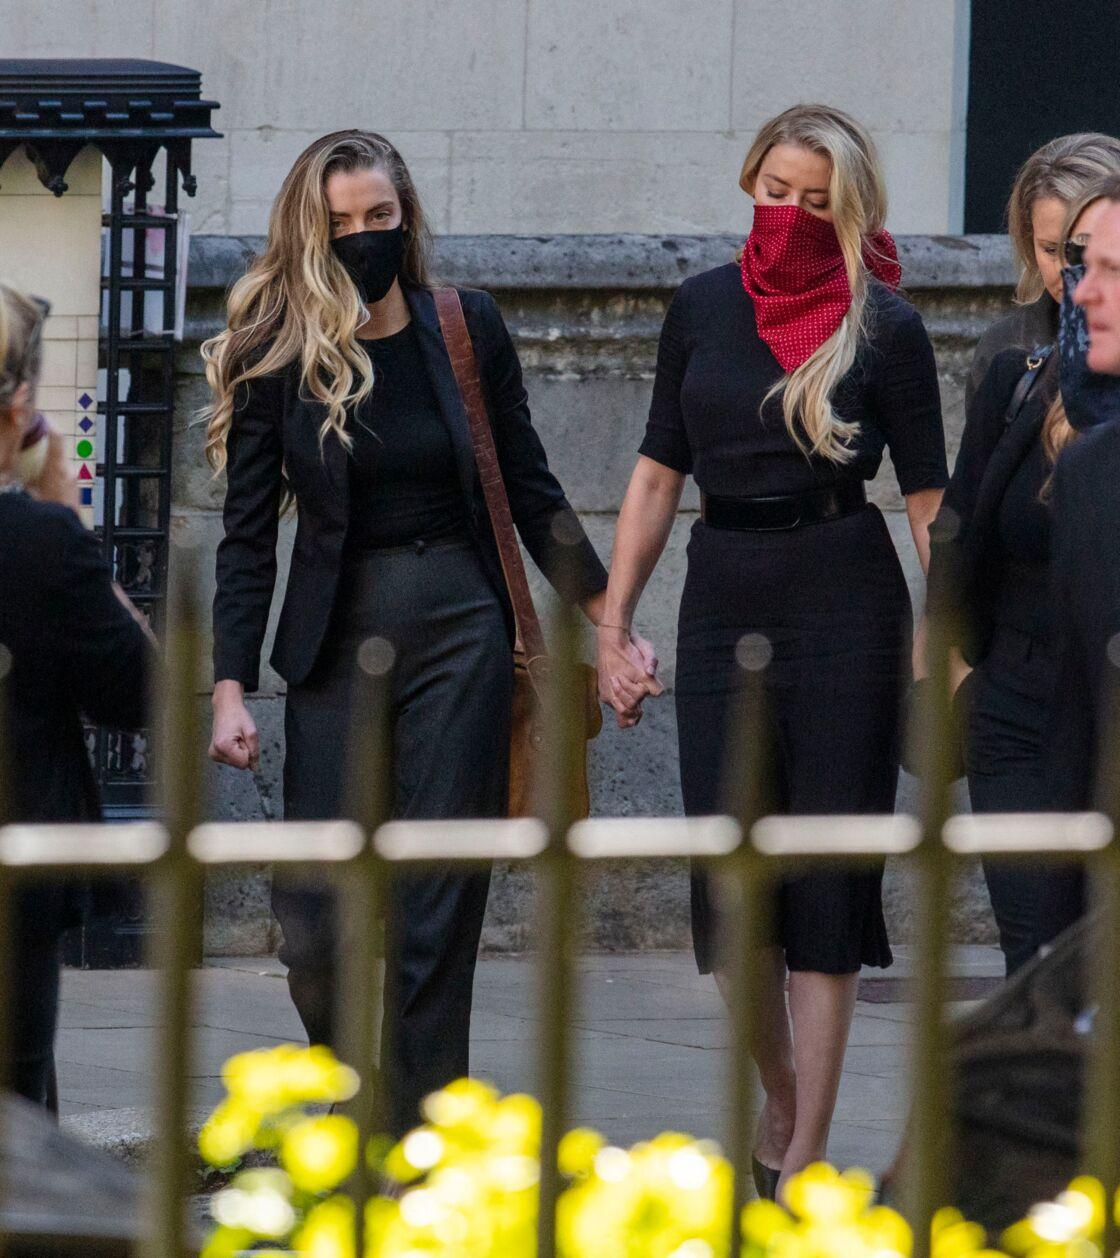 Amber Heard arrive à la Haute cour de justice britannique de Londres accompagnée de sa sœur, le 7 juillet 2020.